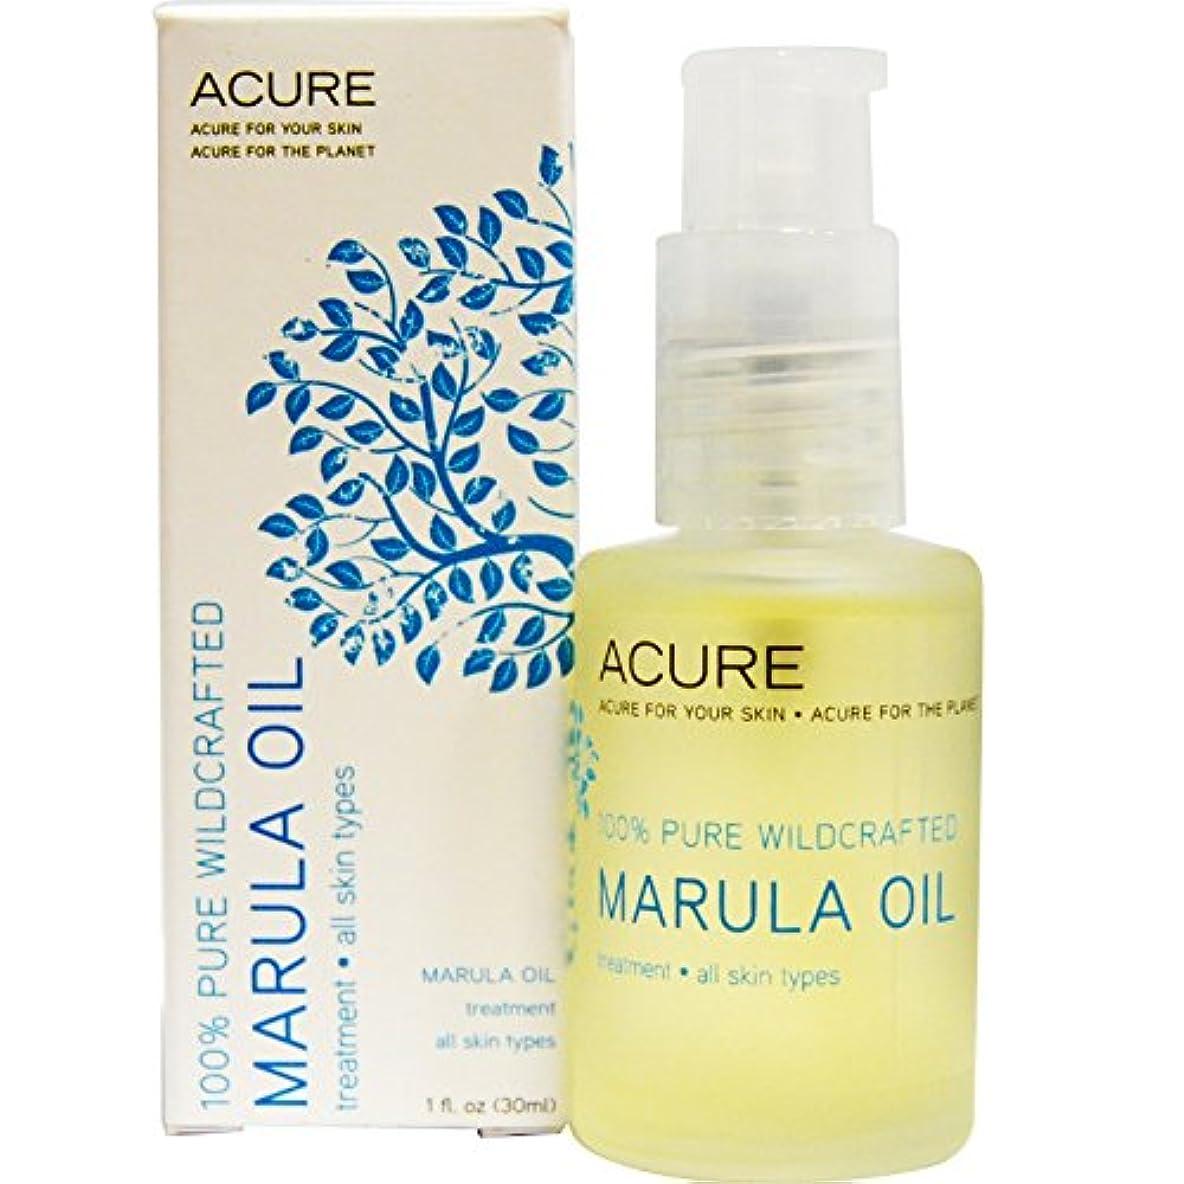 呼吸する株式会社変更可能Acure Organics, Marula Oil, ジ?エッセンシャルズ、マルーラオイル 1 oz (30 ml)